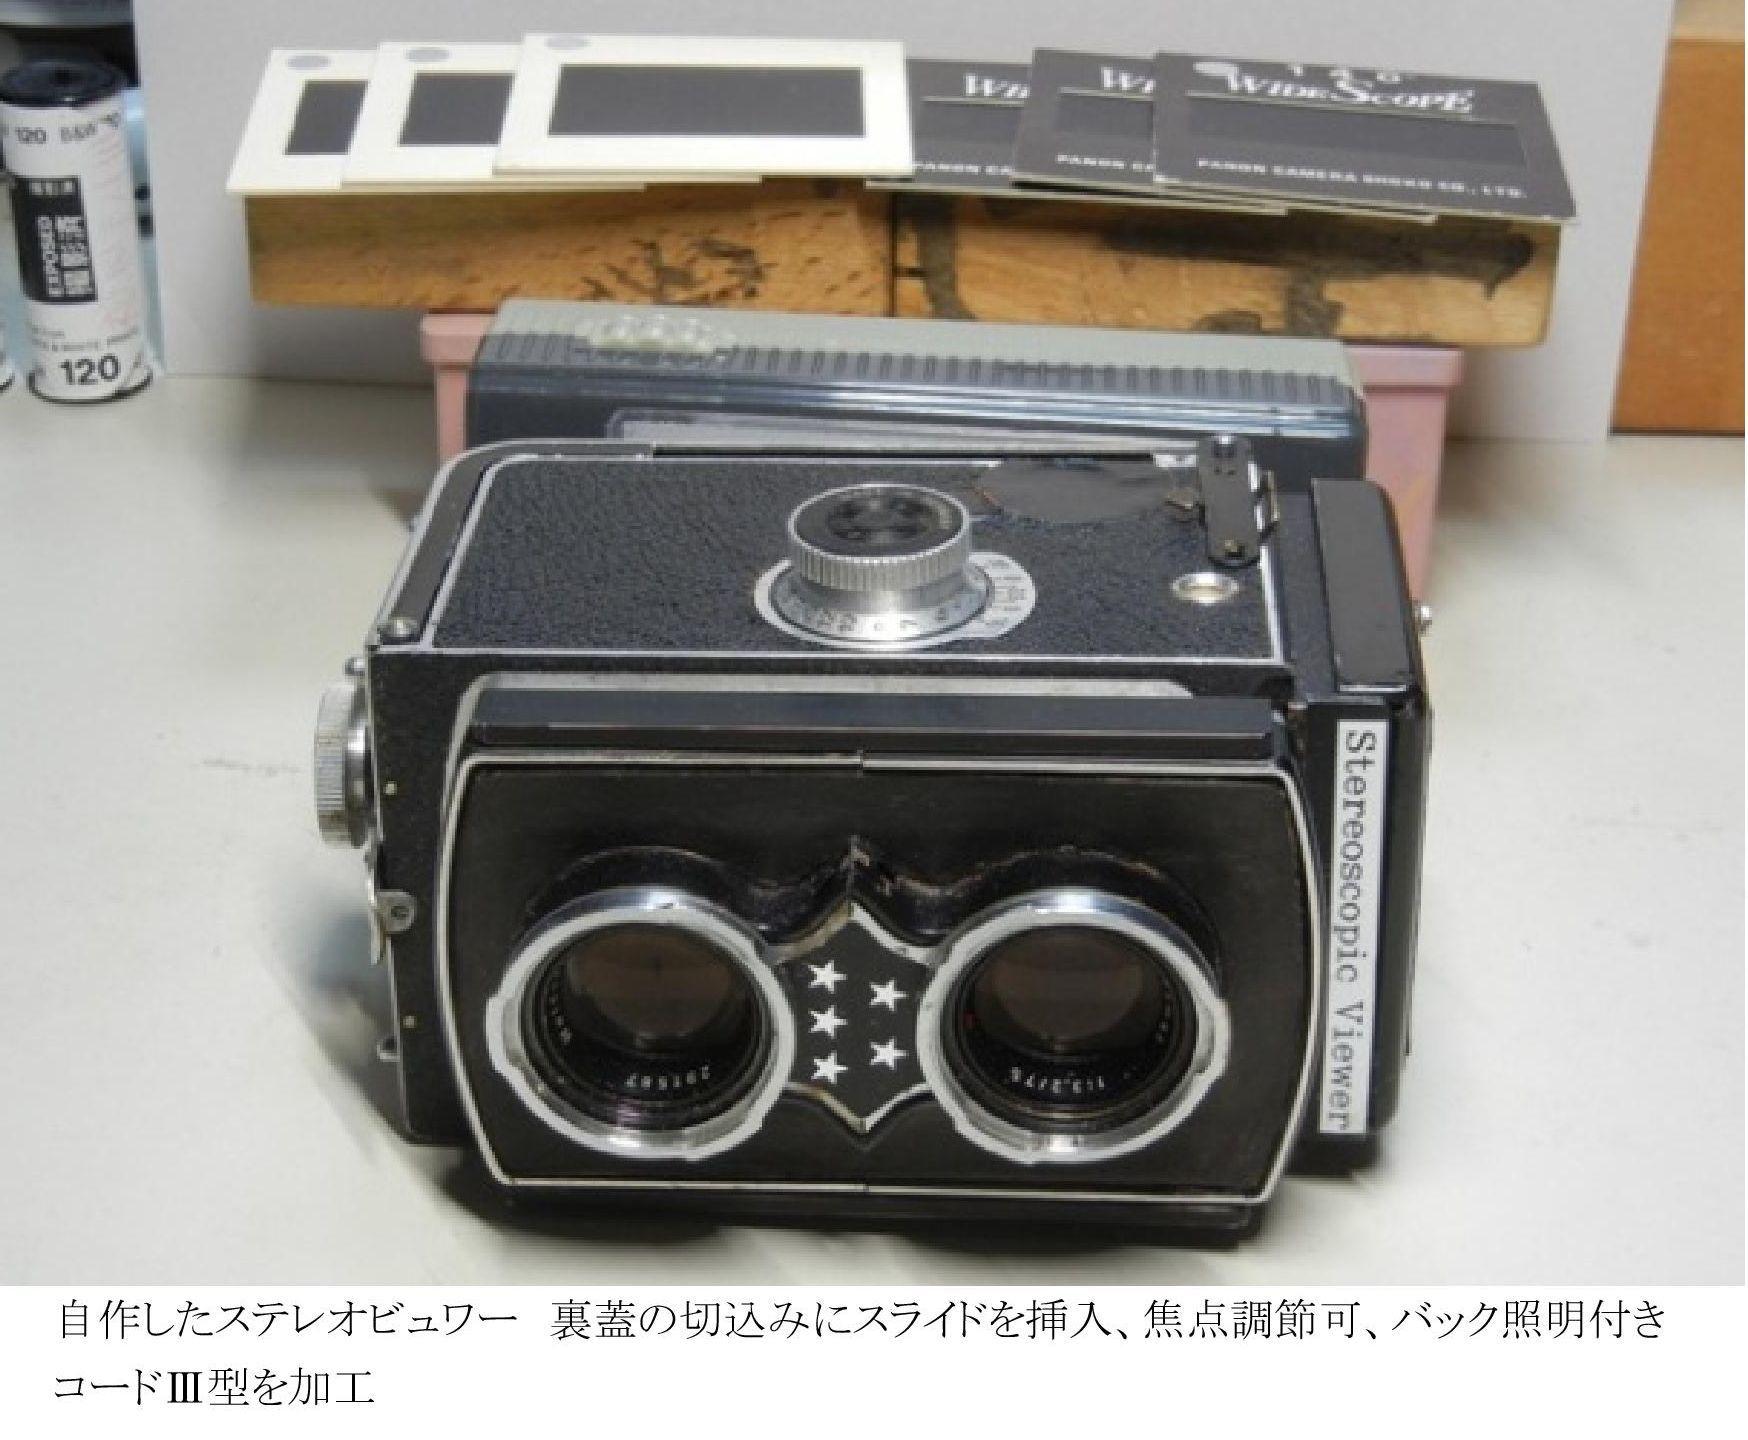 第12回 好きやねん大阪カメラ倶楽部 例会報告_d0138130_11111549.jpg